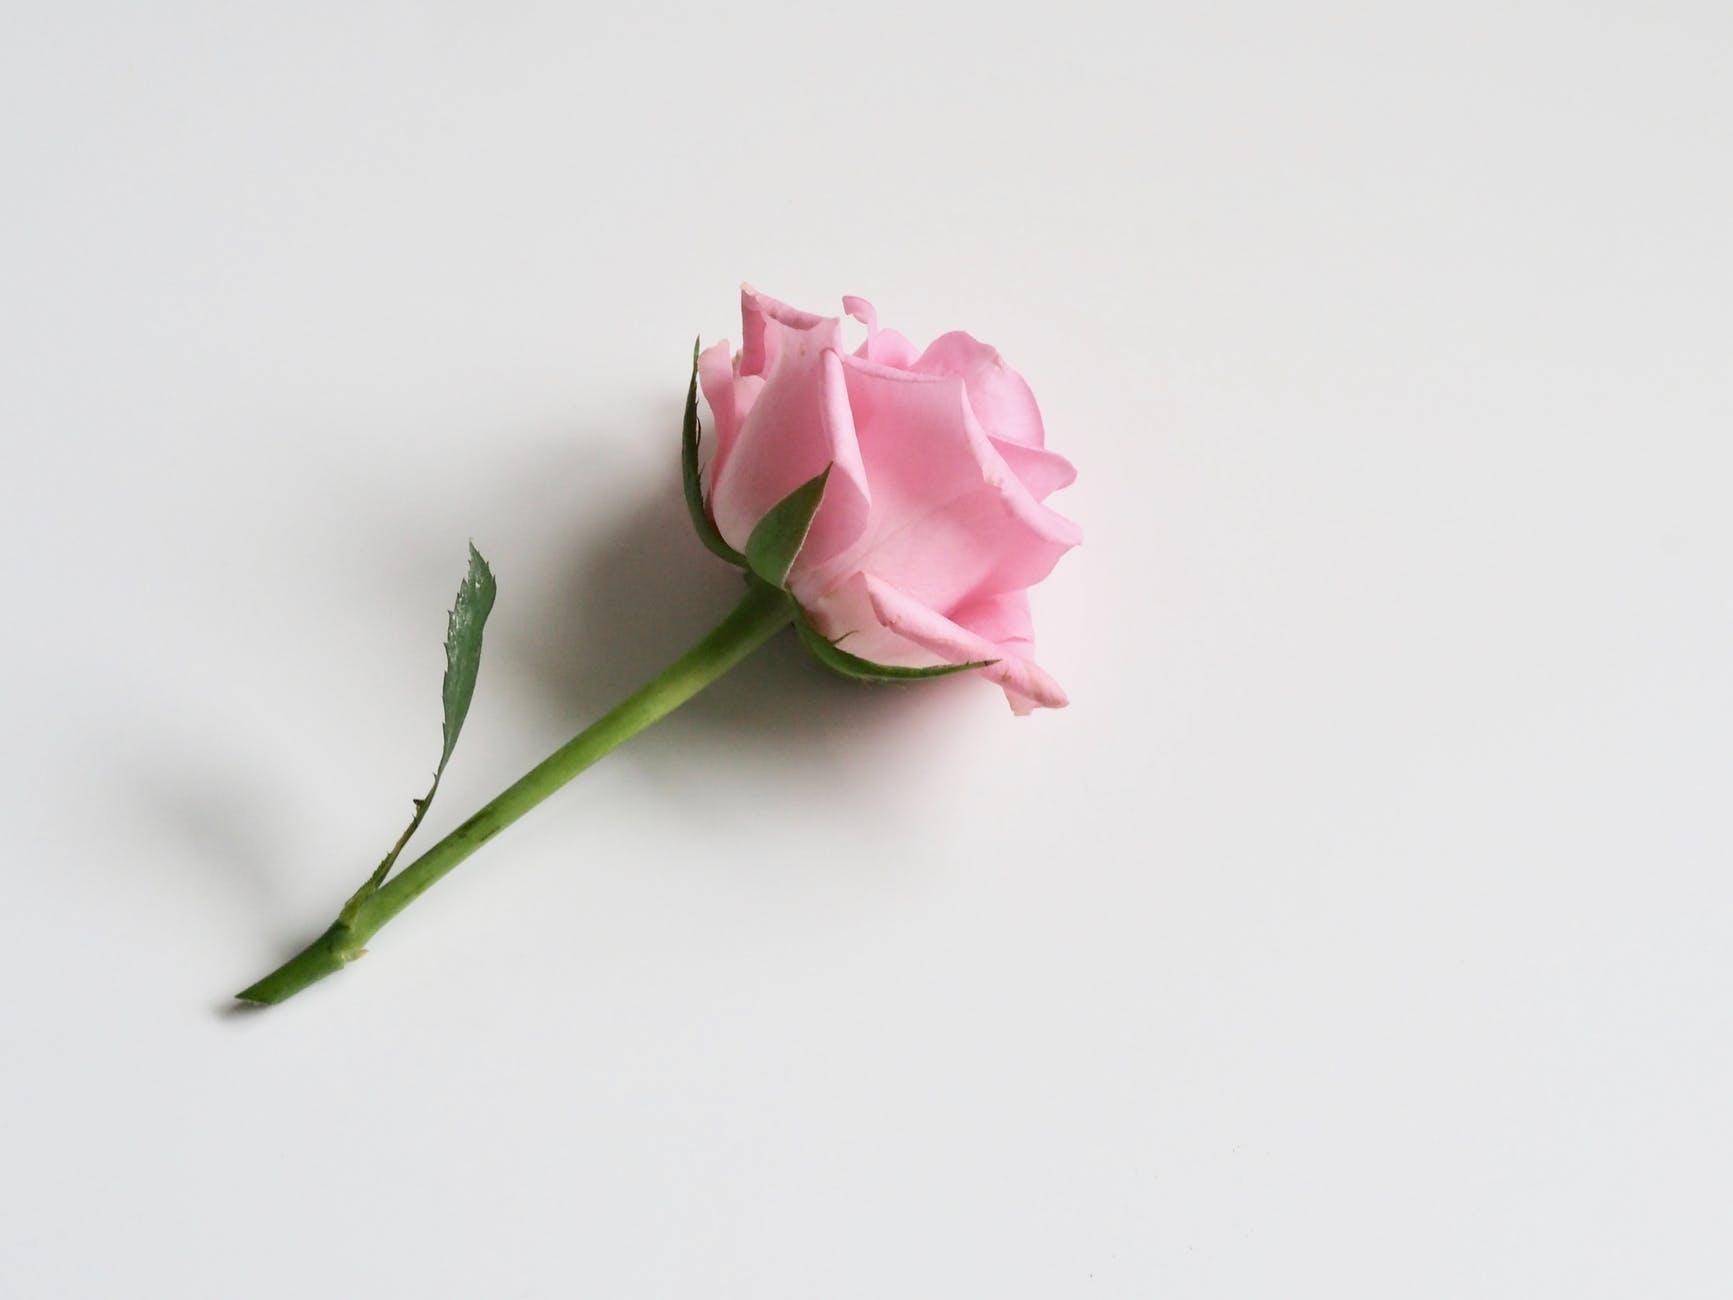 eau de rose eau florale hydrolat maison zéro déchet